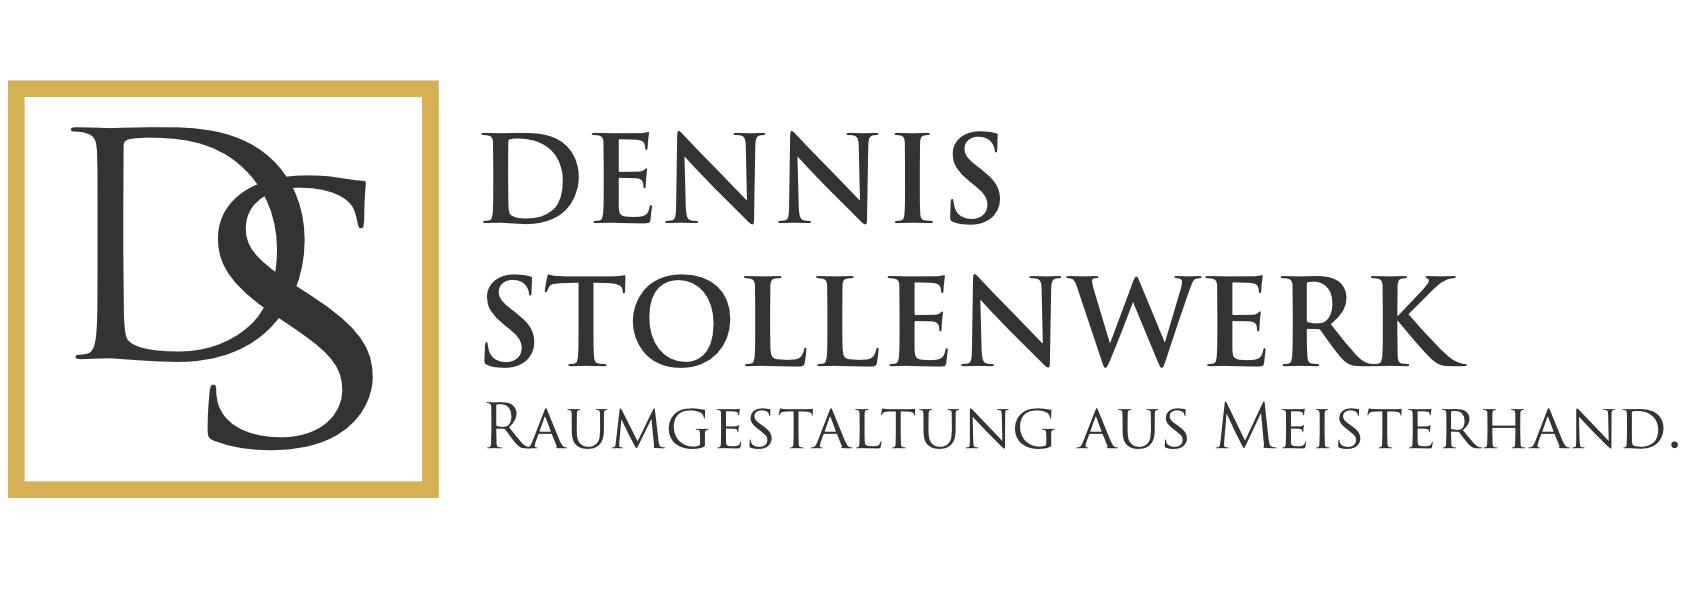 Dennis Stollenwerk